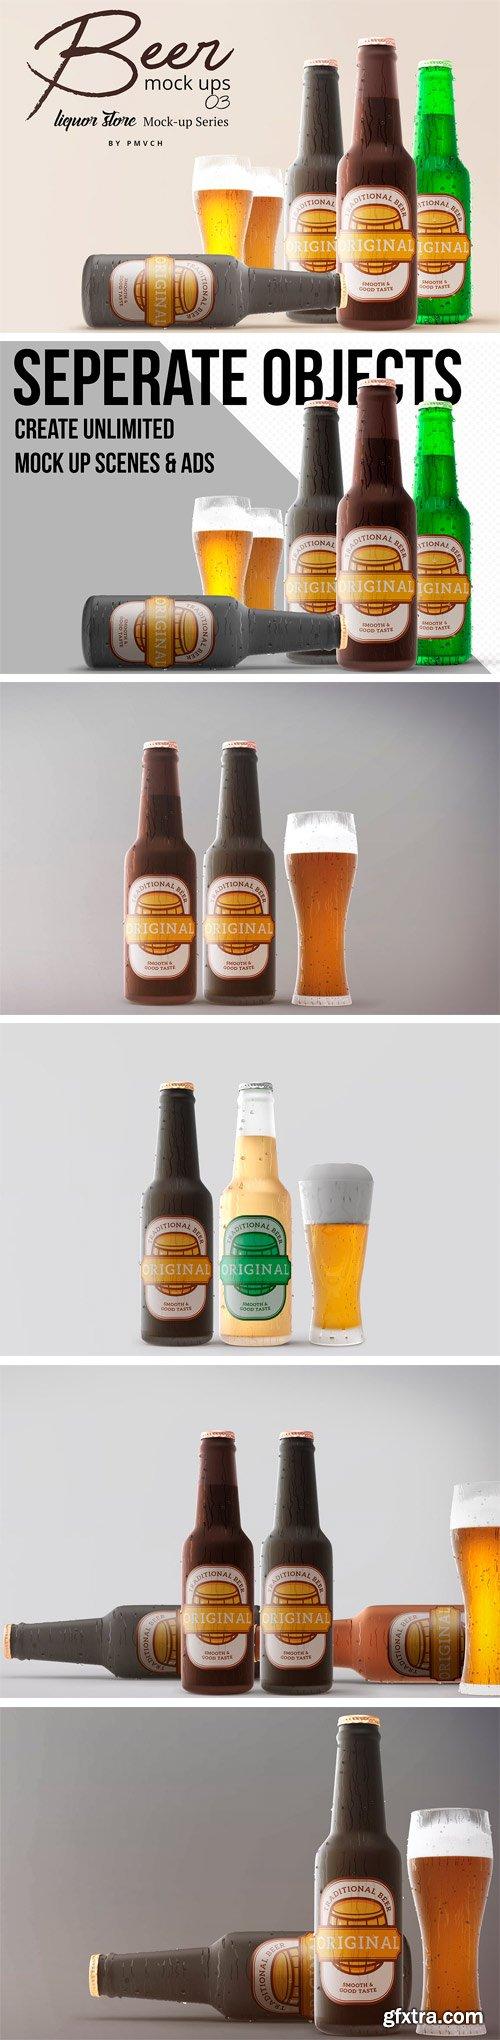 CM - Beer Mockups 03 - Cold Beer 2391551